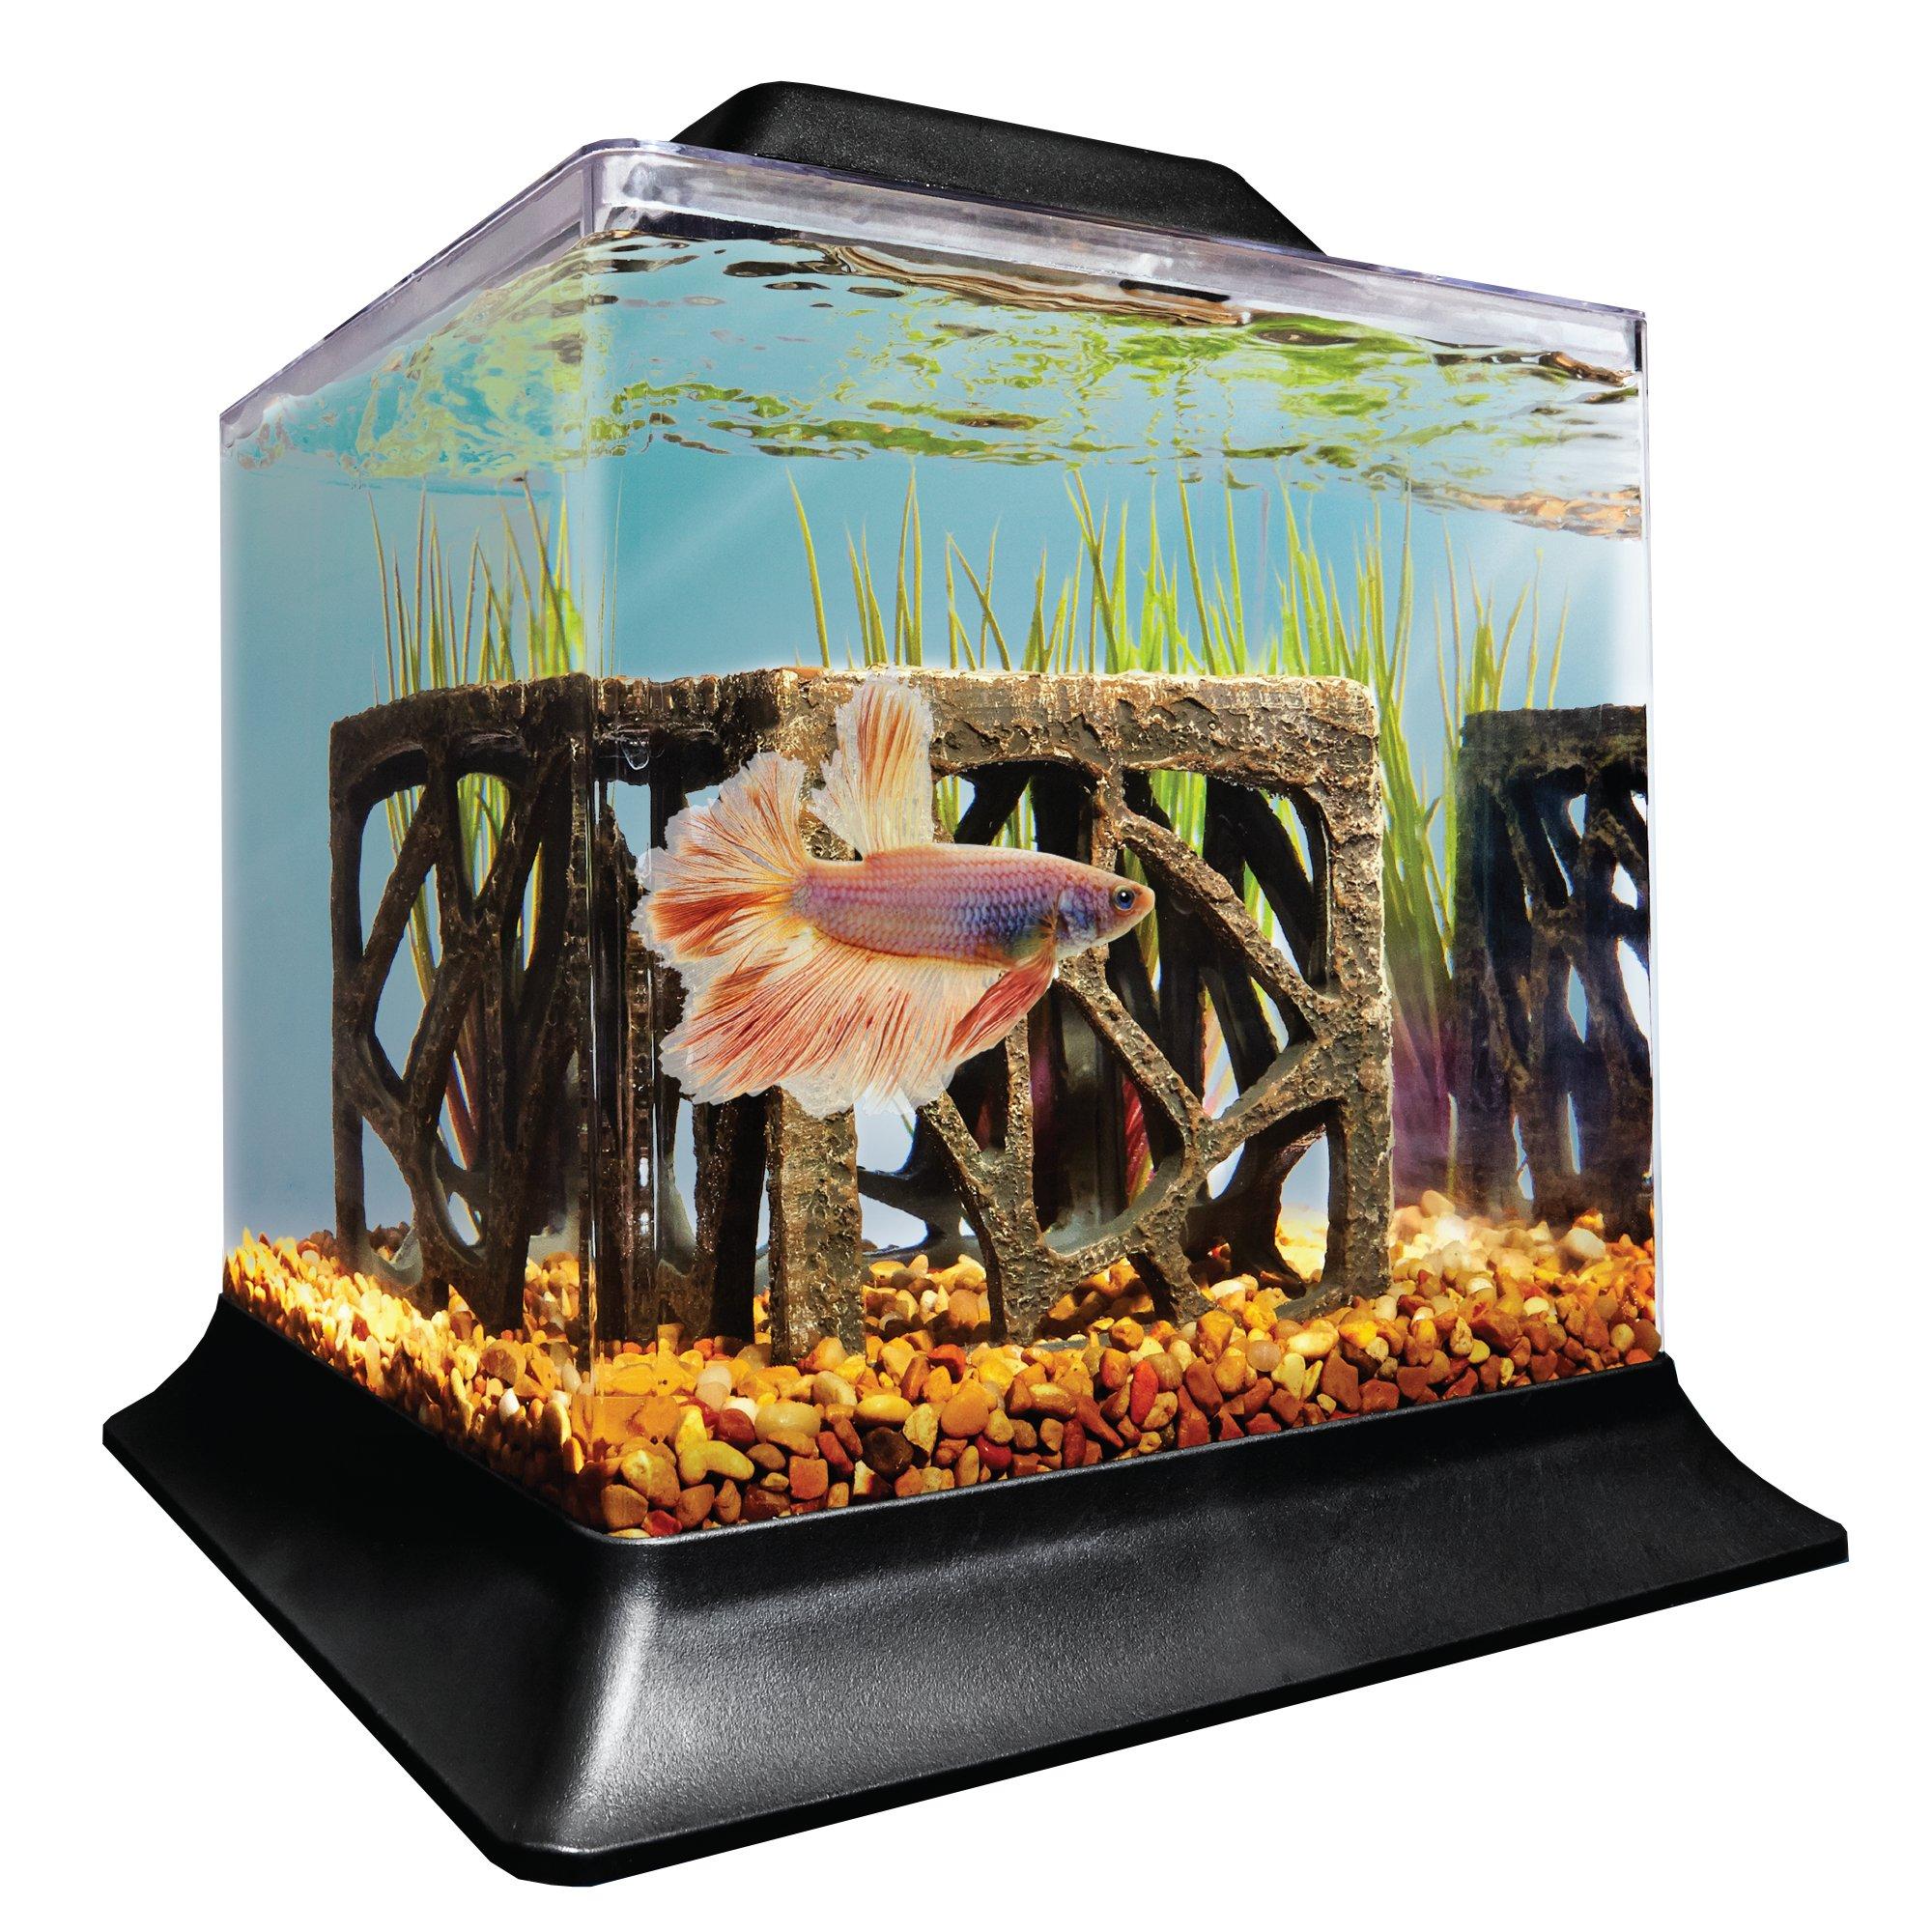 Imagitarium 1 4 Gallon Betta Aquarium Petco Betta Aquarium Betta Aquariums For Sale